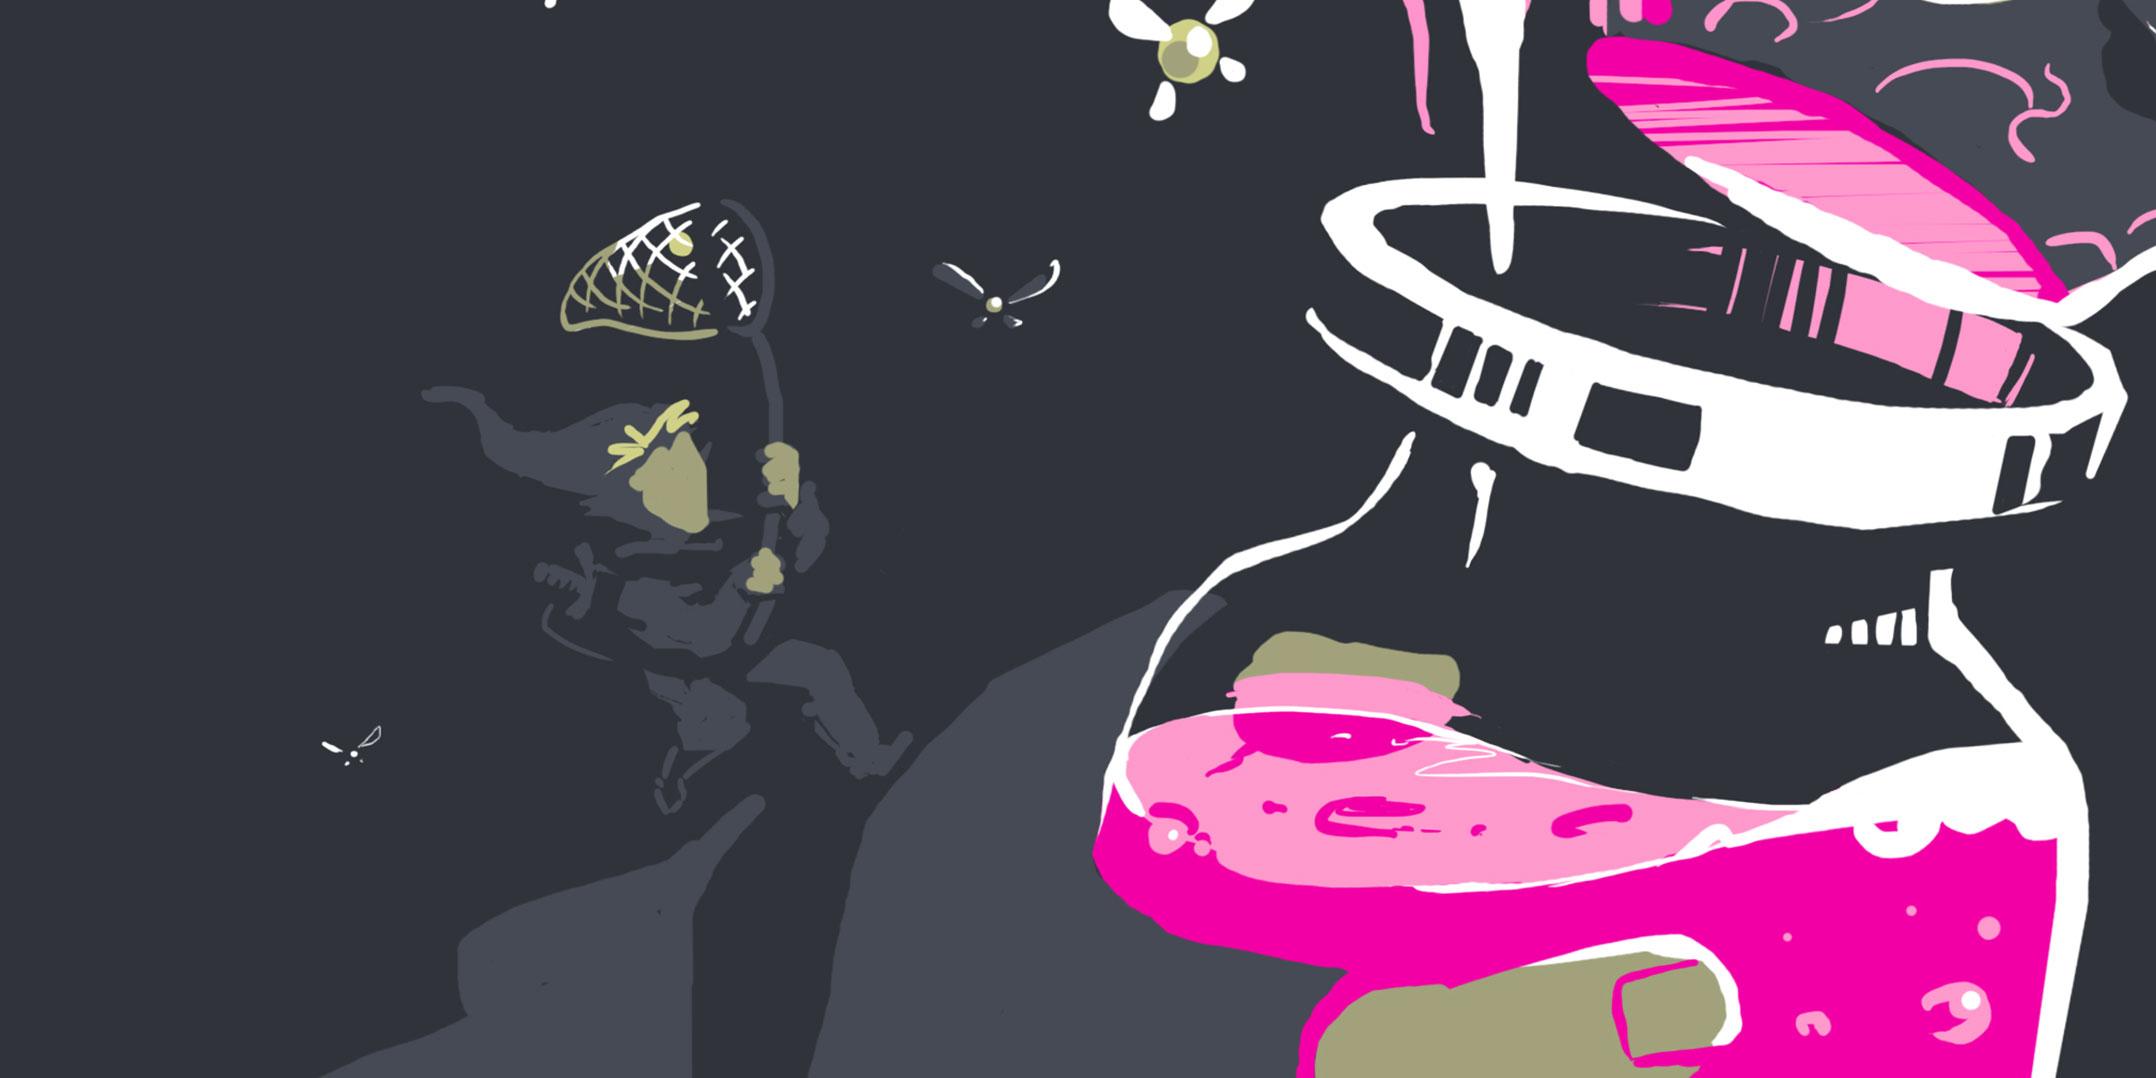 illustrateur - graphiste - abys da lyon fanart game zelda